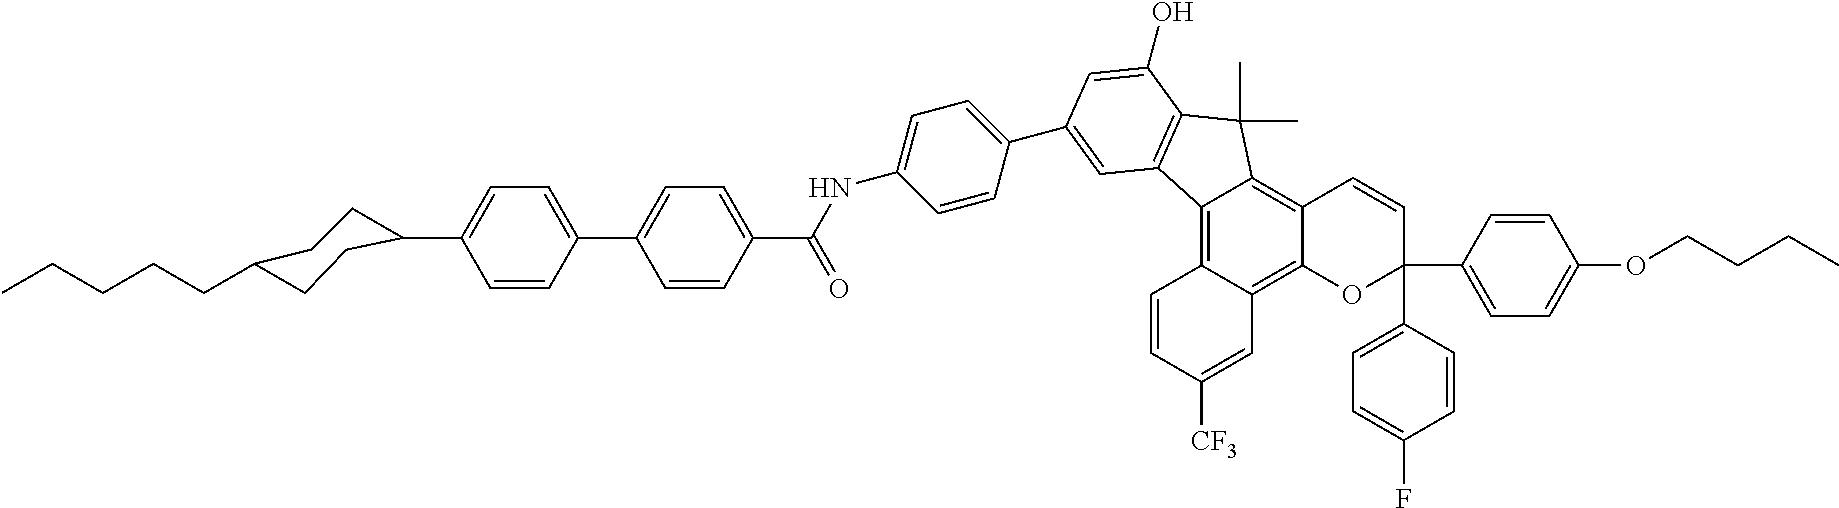 Figure US08545984-20131001-C00037